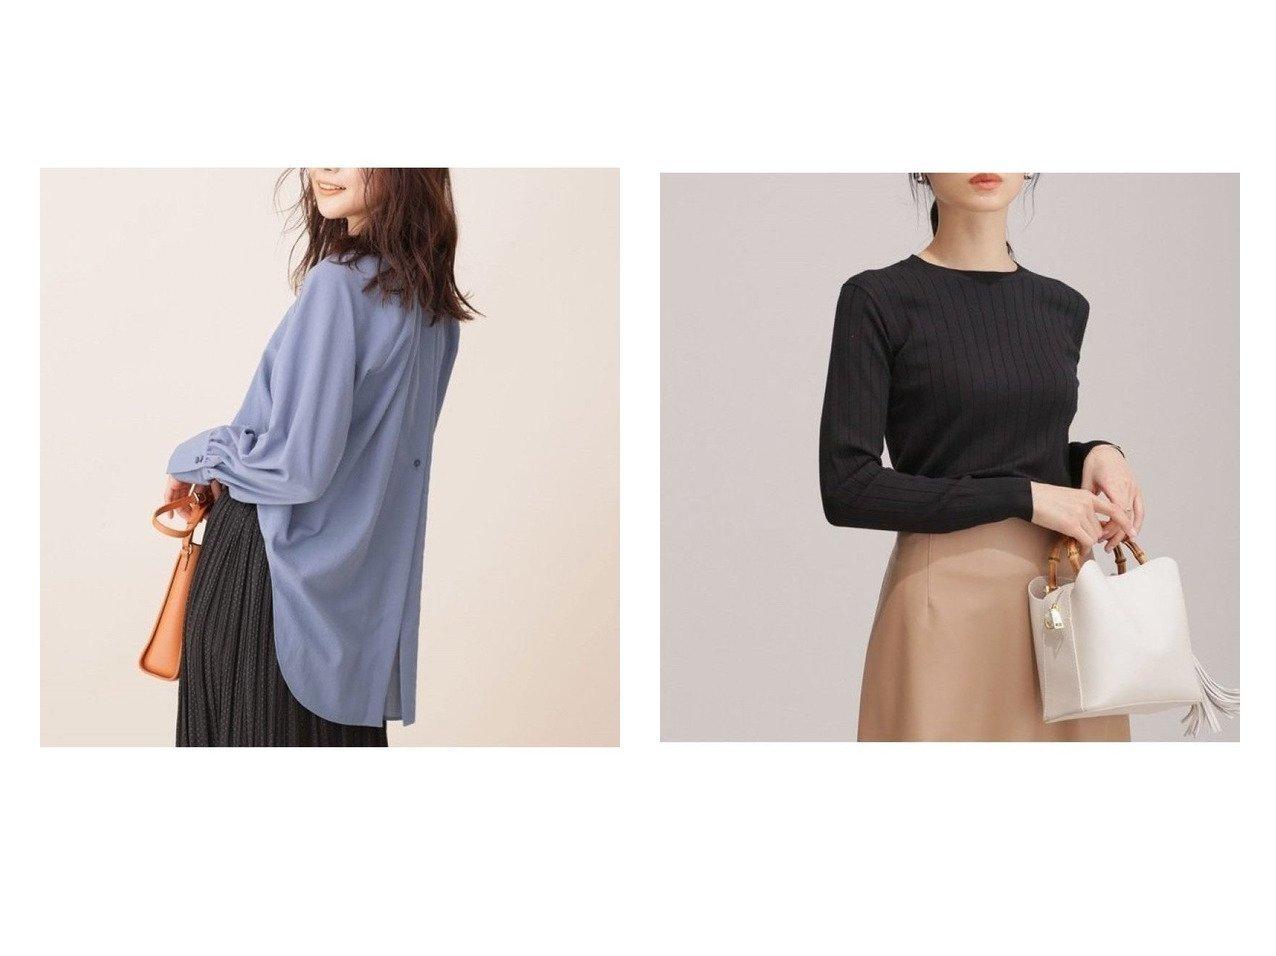 【nano universe/ナノ ユニバース】の速乾バックオープンギャザーシャツ&WEB限定/ウォッシャブルリブニット 長袖 トップス・カットソーのおすすめ!人気、トレンド・レディースファッションの通販  おすすめで人気の流行・トレンド、ファッションの通販商品 メンズファッション・キッズファッション・インテリア・家具・レディースファッション・服の通販 founy(ファニー) https://founy.com/ ファッション Fashion レディースファッション WOMEN トップス Tops Tshirt シャツ/ブラウス Shirts Blouses バッグ Bag ニット Knit Tops インナー カフス ギャザー クラシカル 抗菌 スタンド セットアップ デニム トレンド フロント NEW・新作・新着・新入荷 New Arrivals |ID:crp329100000010564